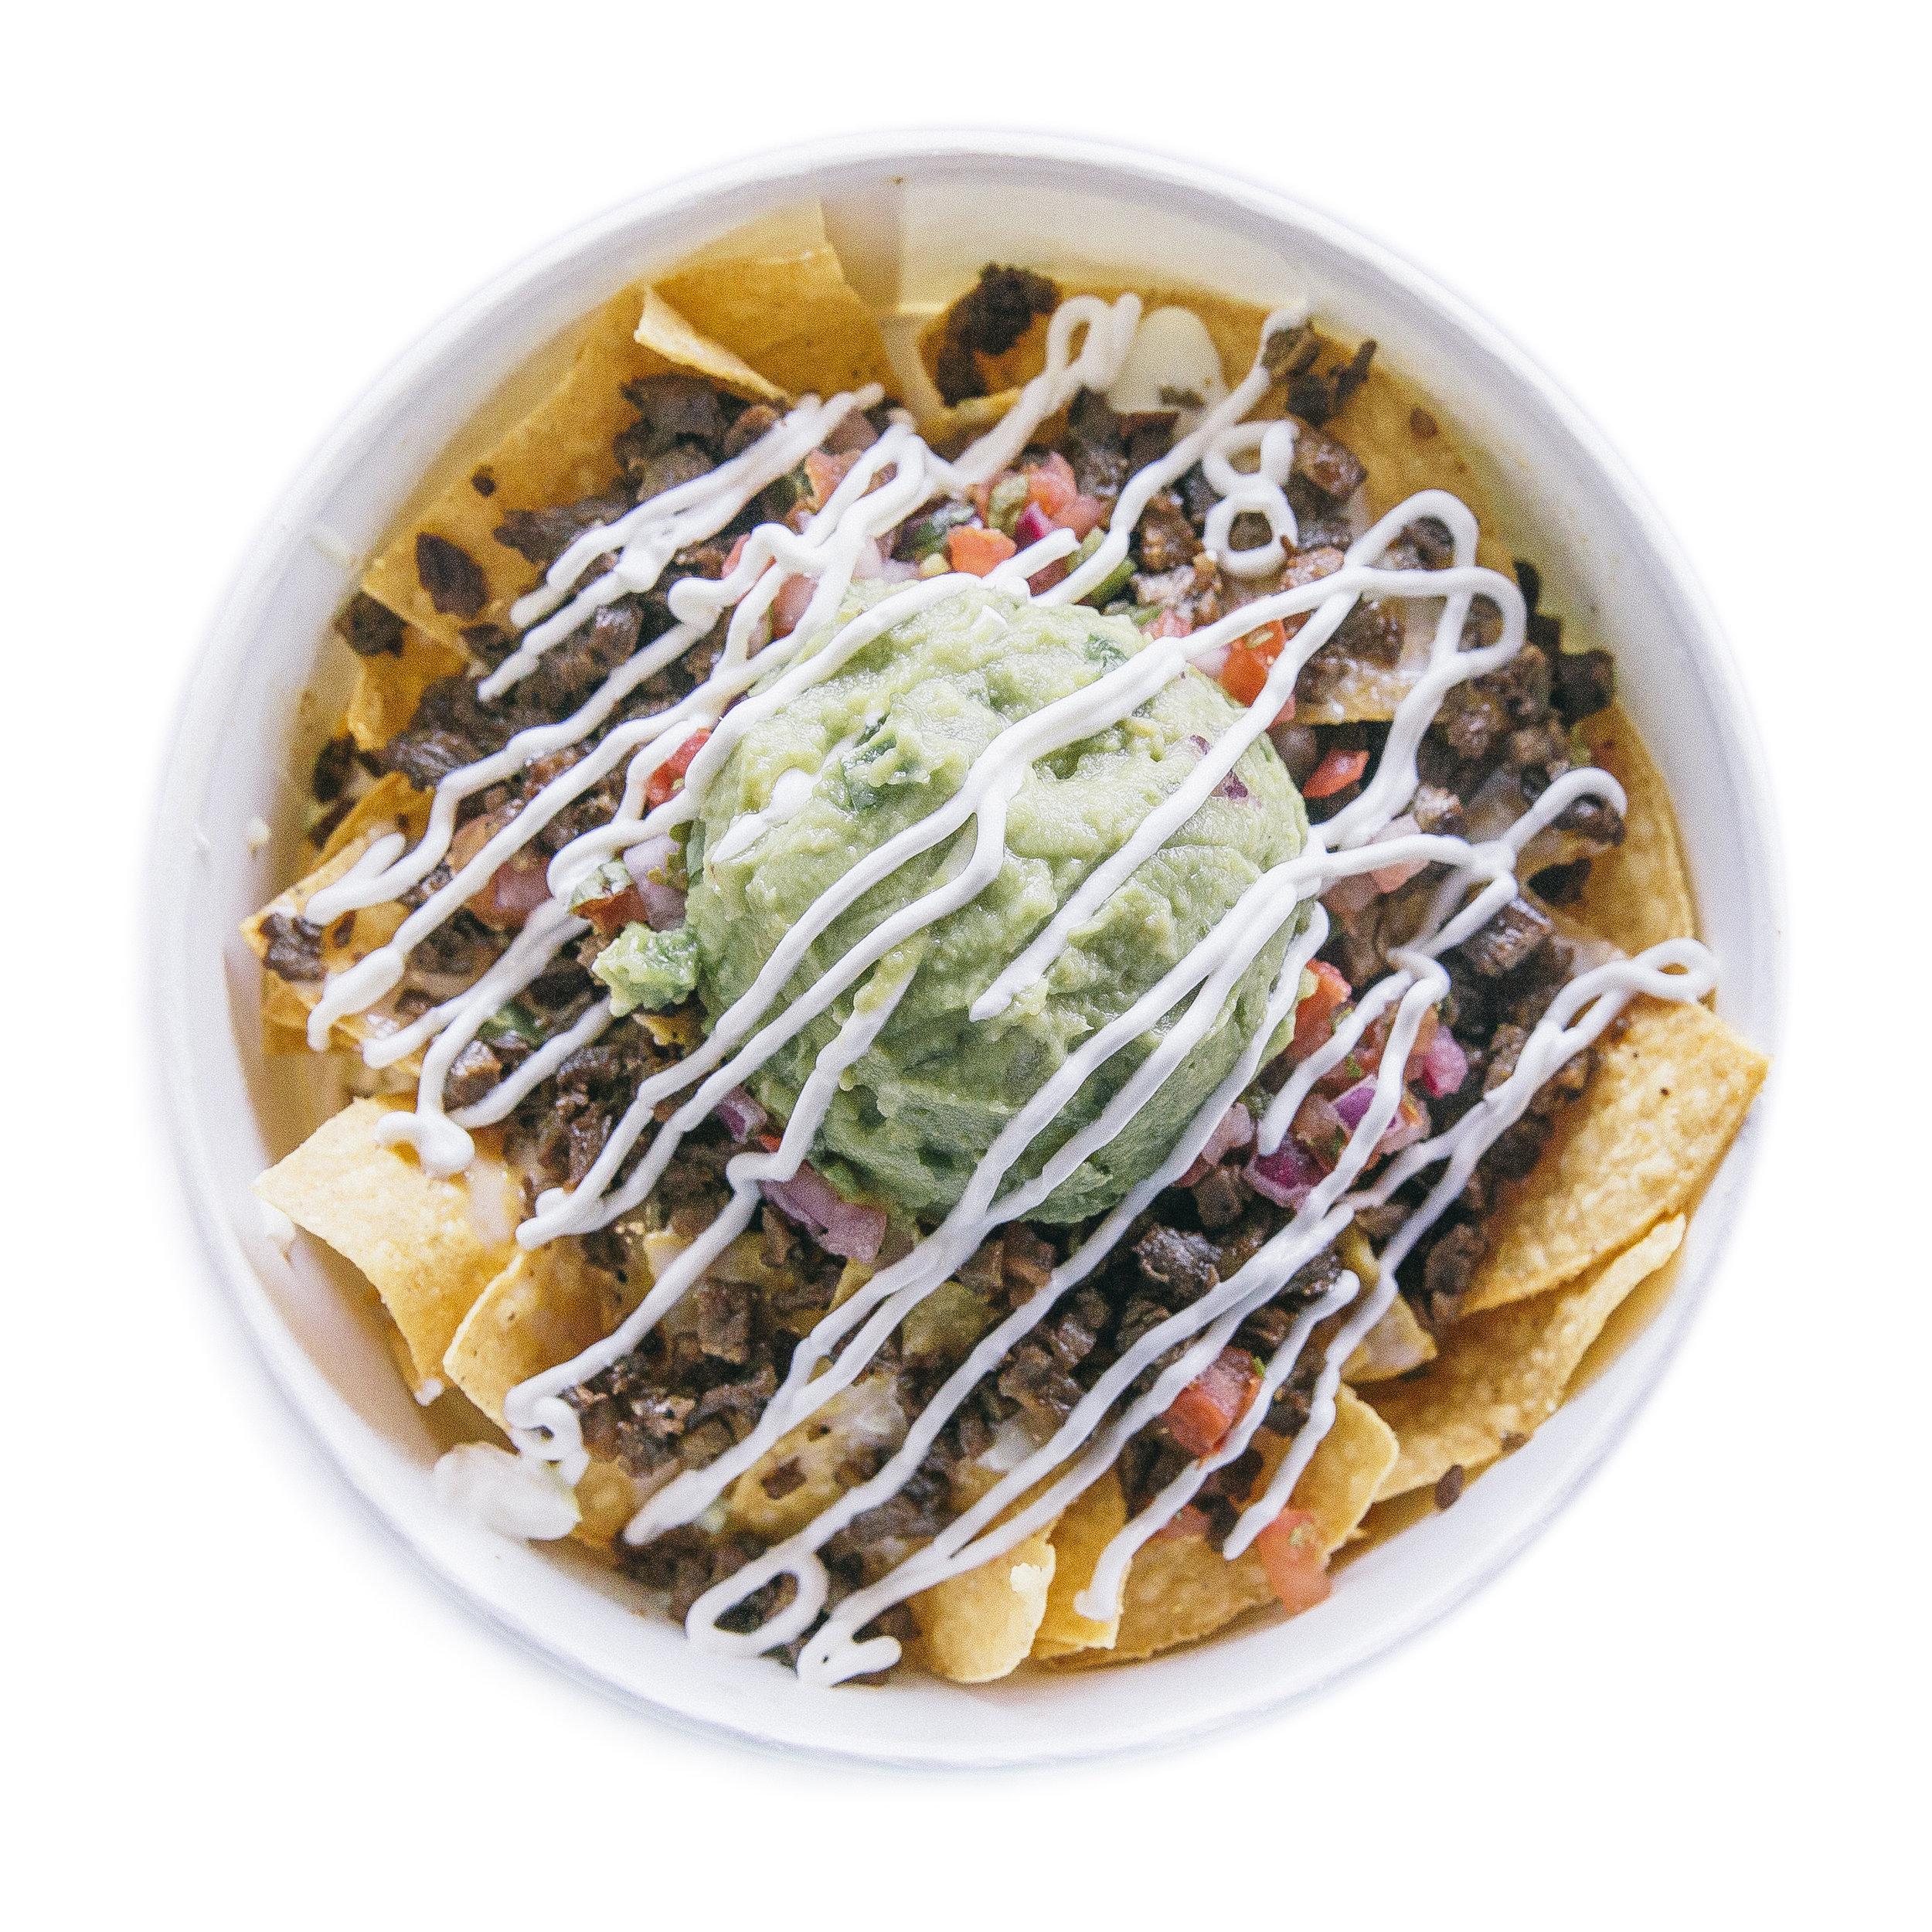 nachos copy.jpg